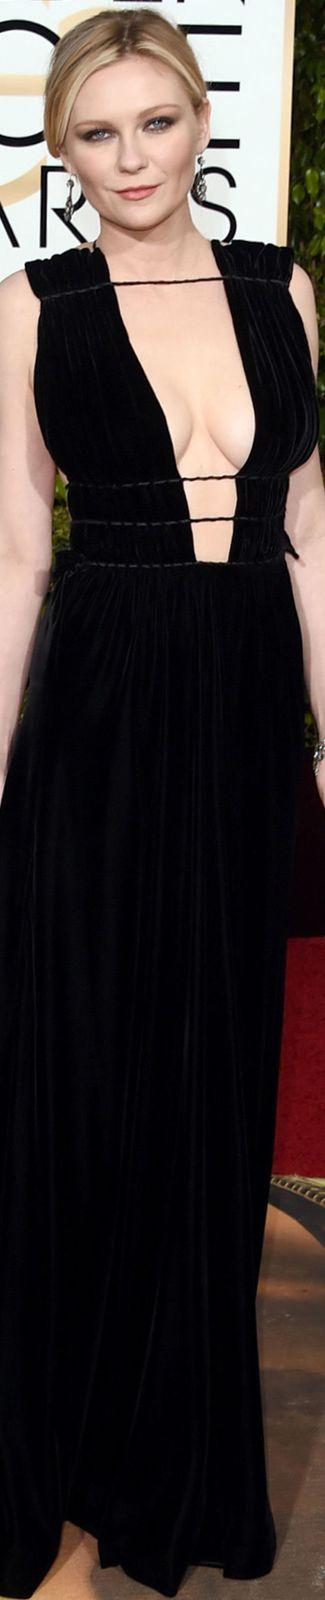 Kirsten Dunst in vintage Valentino, 2016 Golden Globe Awards p/b LOLO ~ via Marguerite Burrill #valentinogown